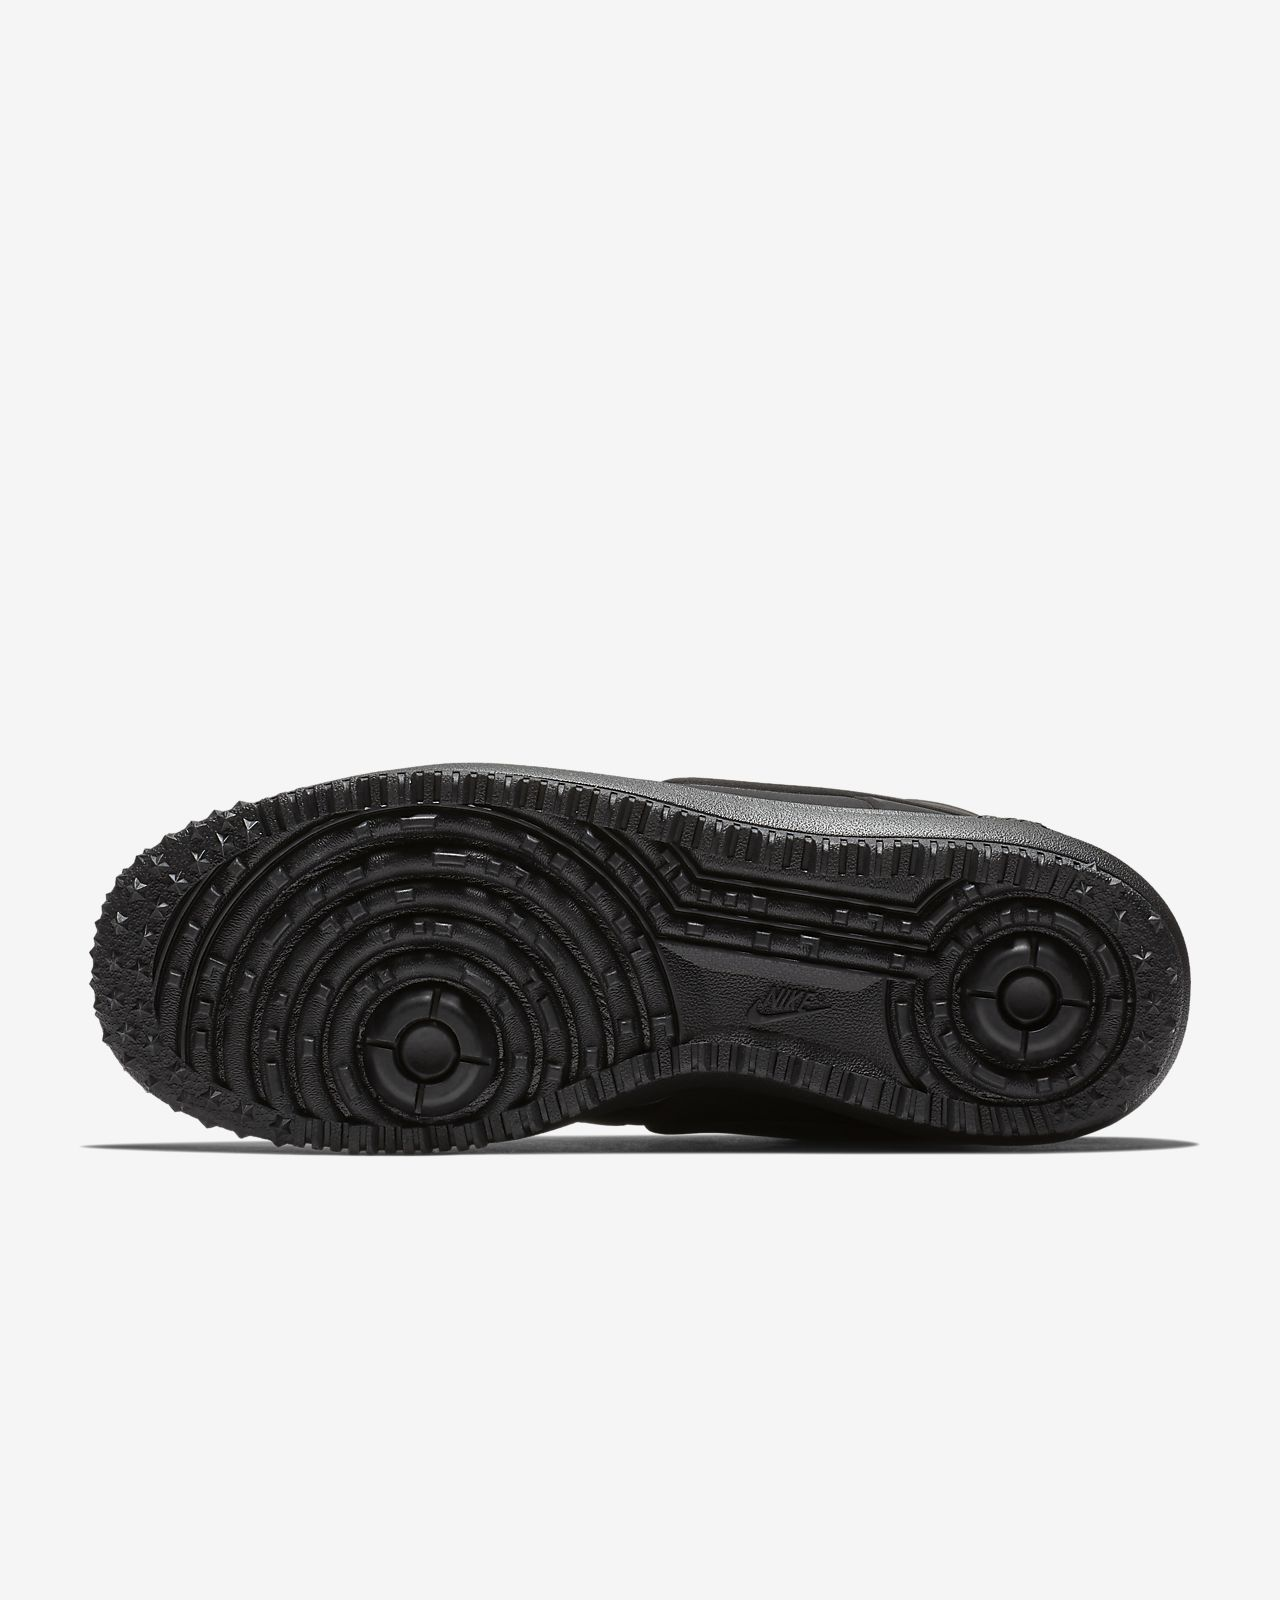 Botas para hombre Nike Lunar Force 1 '18